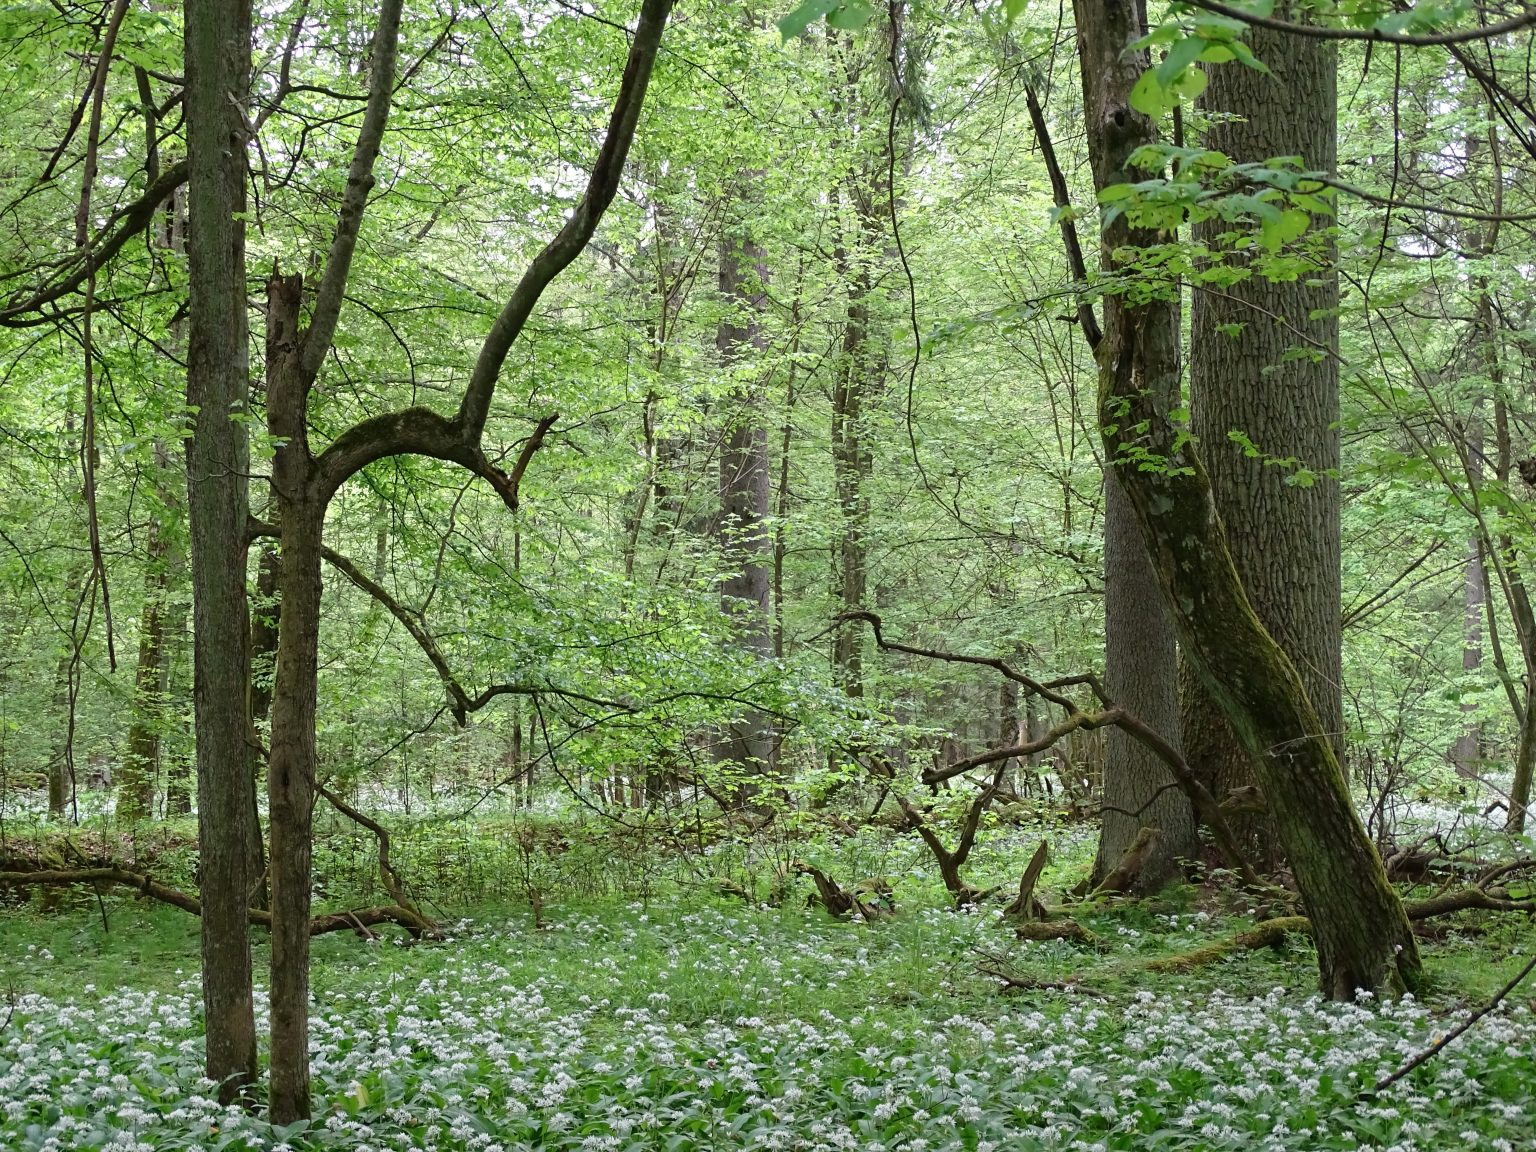 Stare, naturalne lasy są jak żywe laboratoria, których nic nie zastąpi. Puszcza Białowieska. fot. AnnaOrczewska